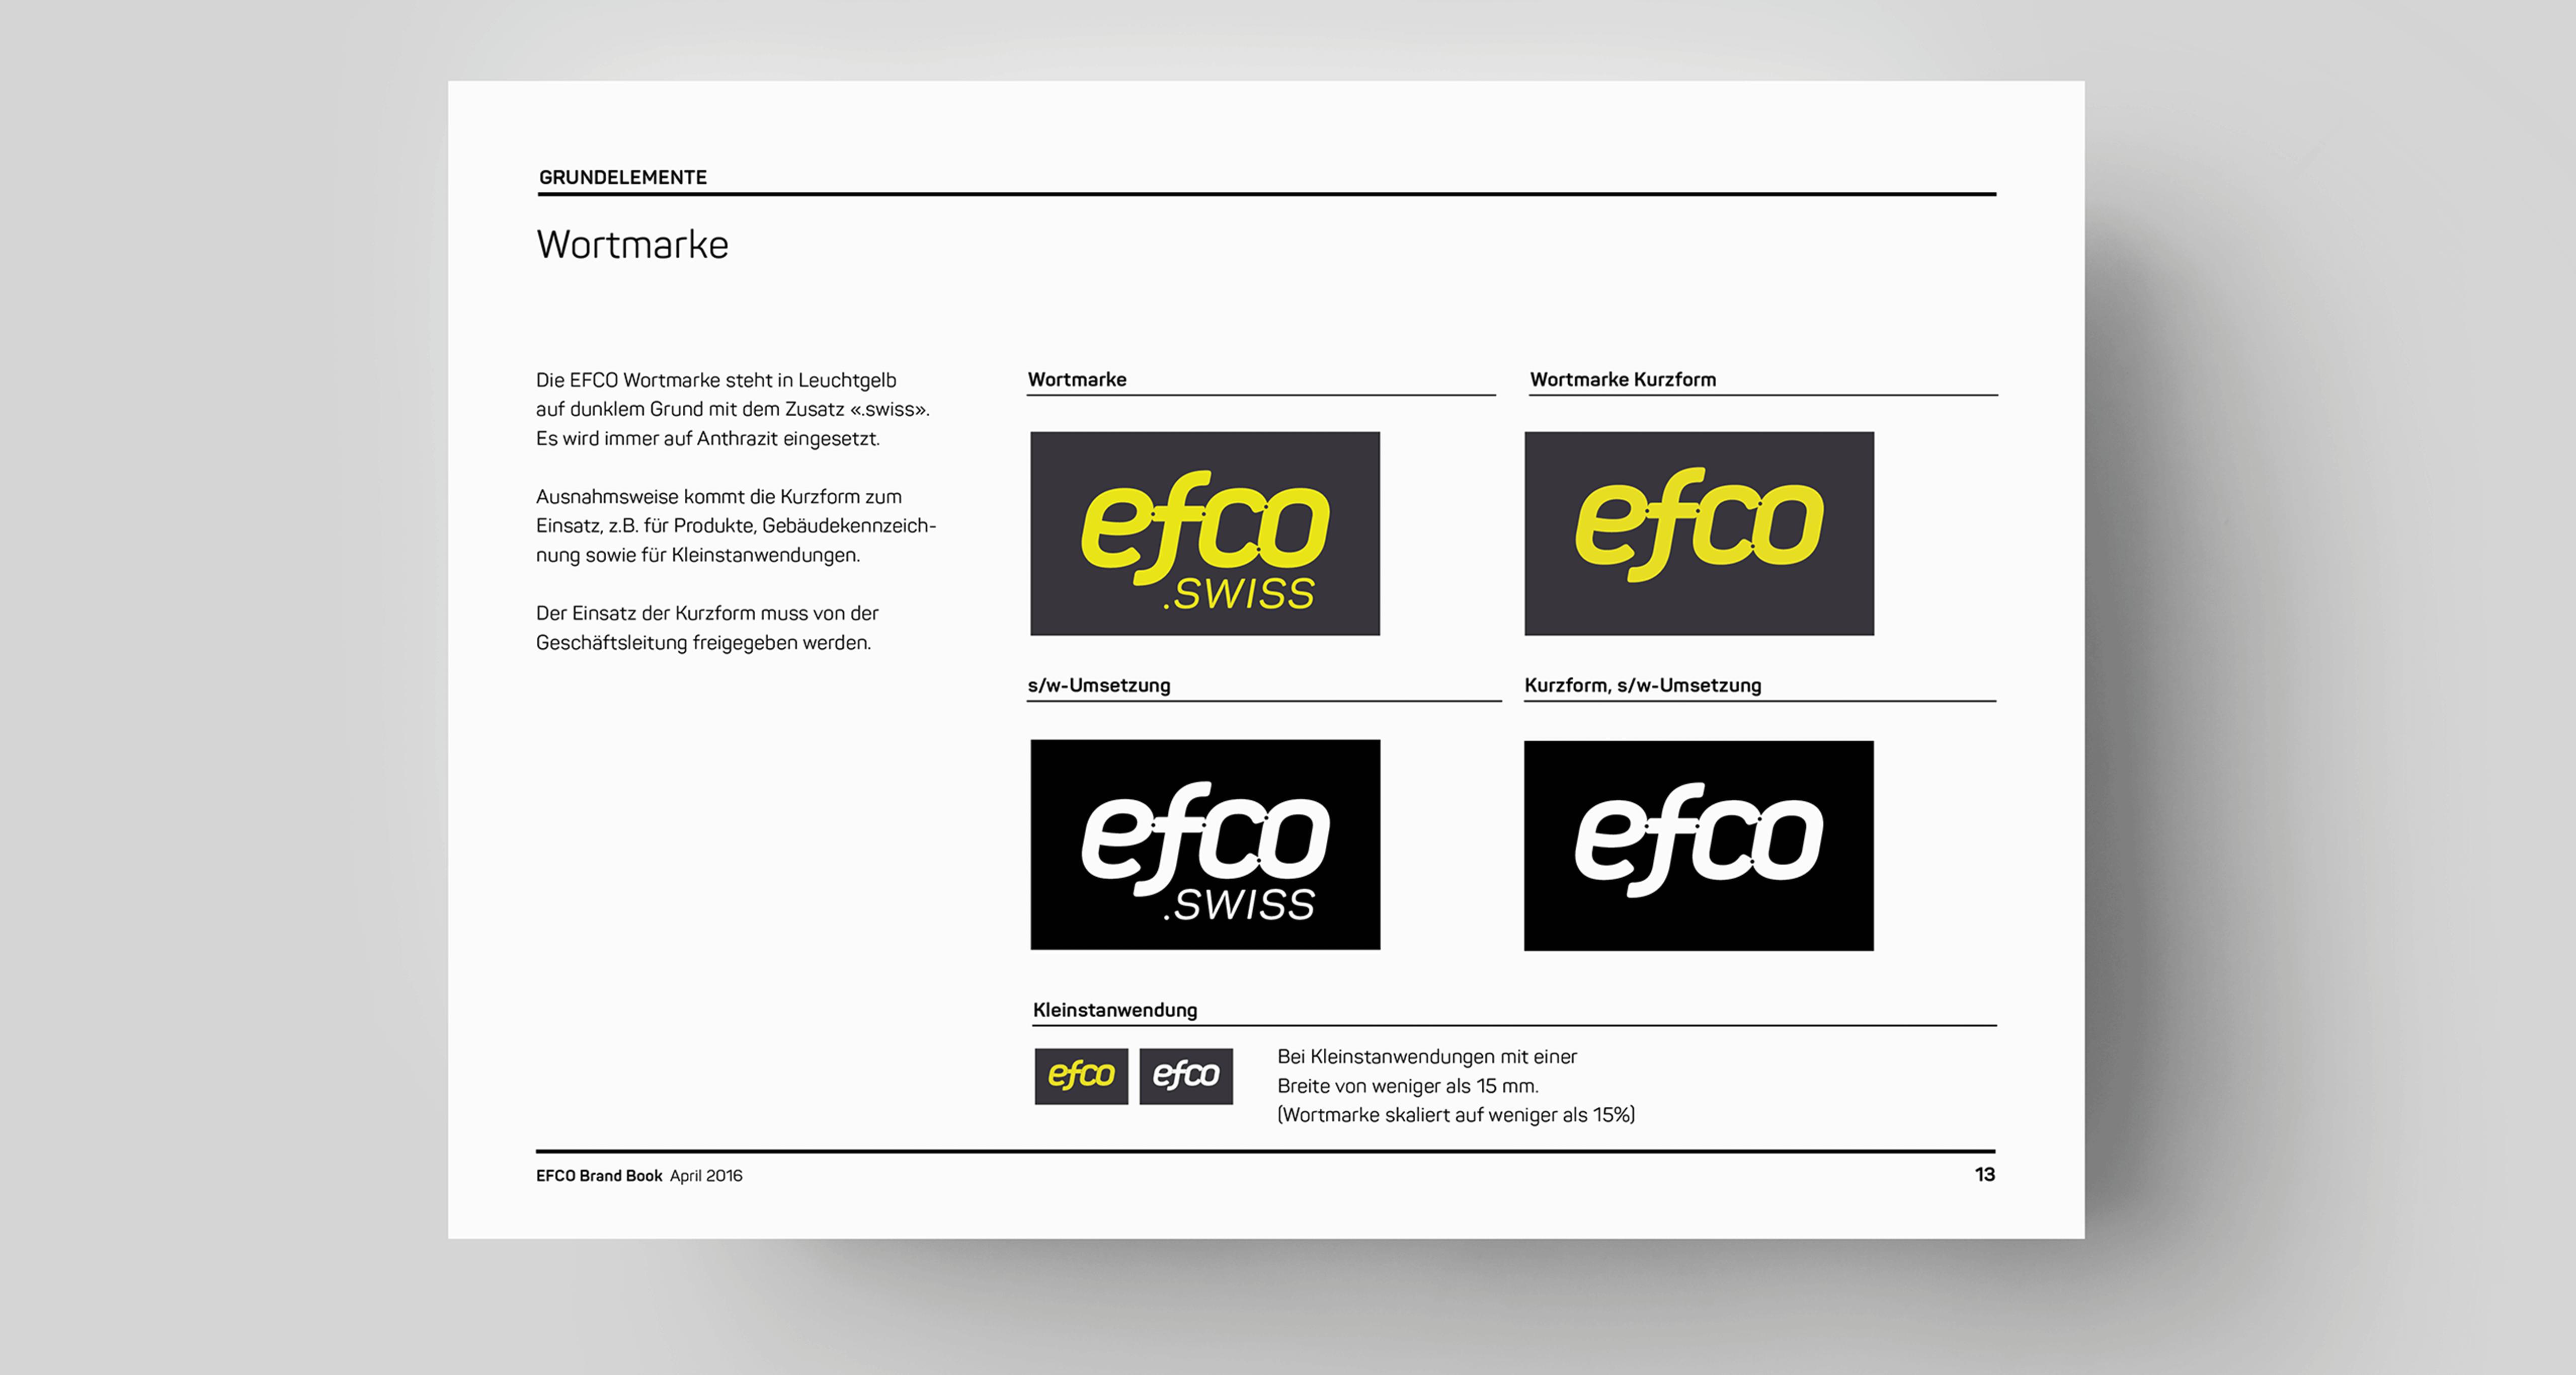 Markenzeichen EFCO